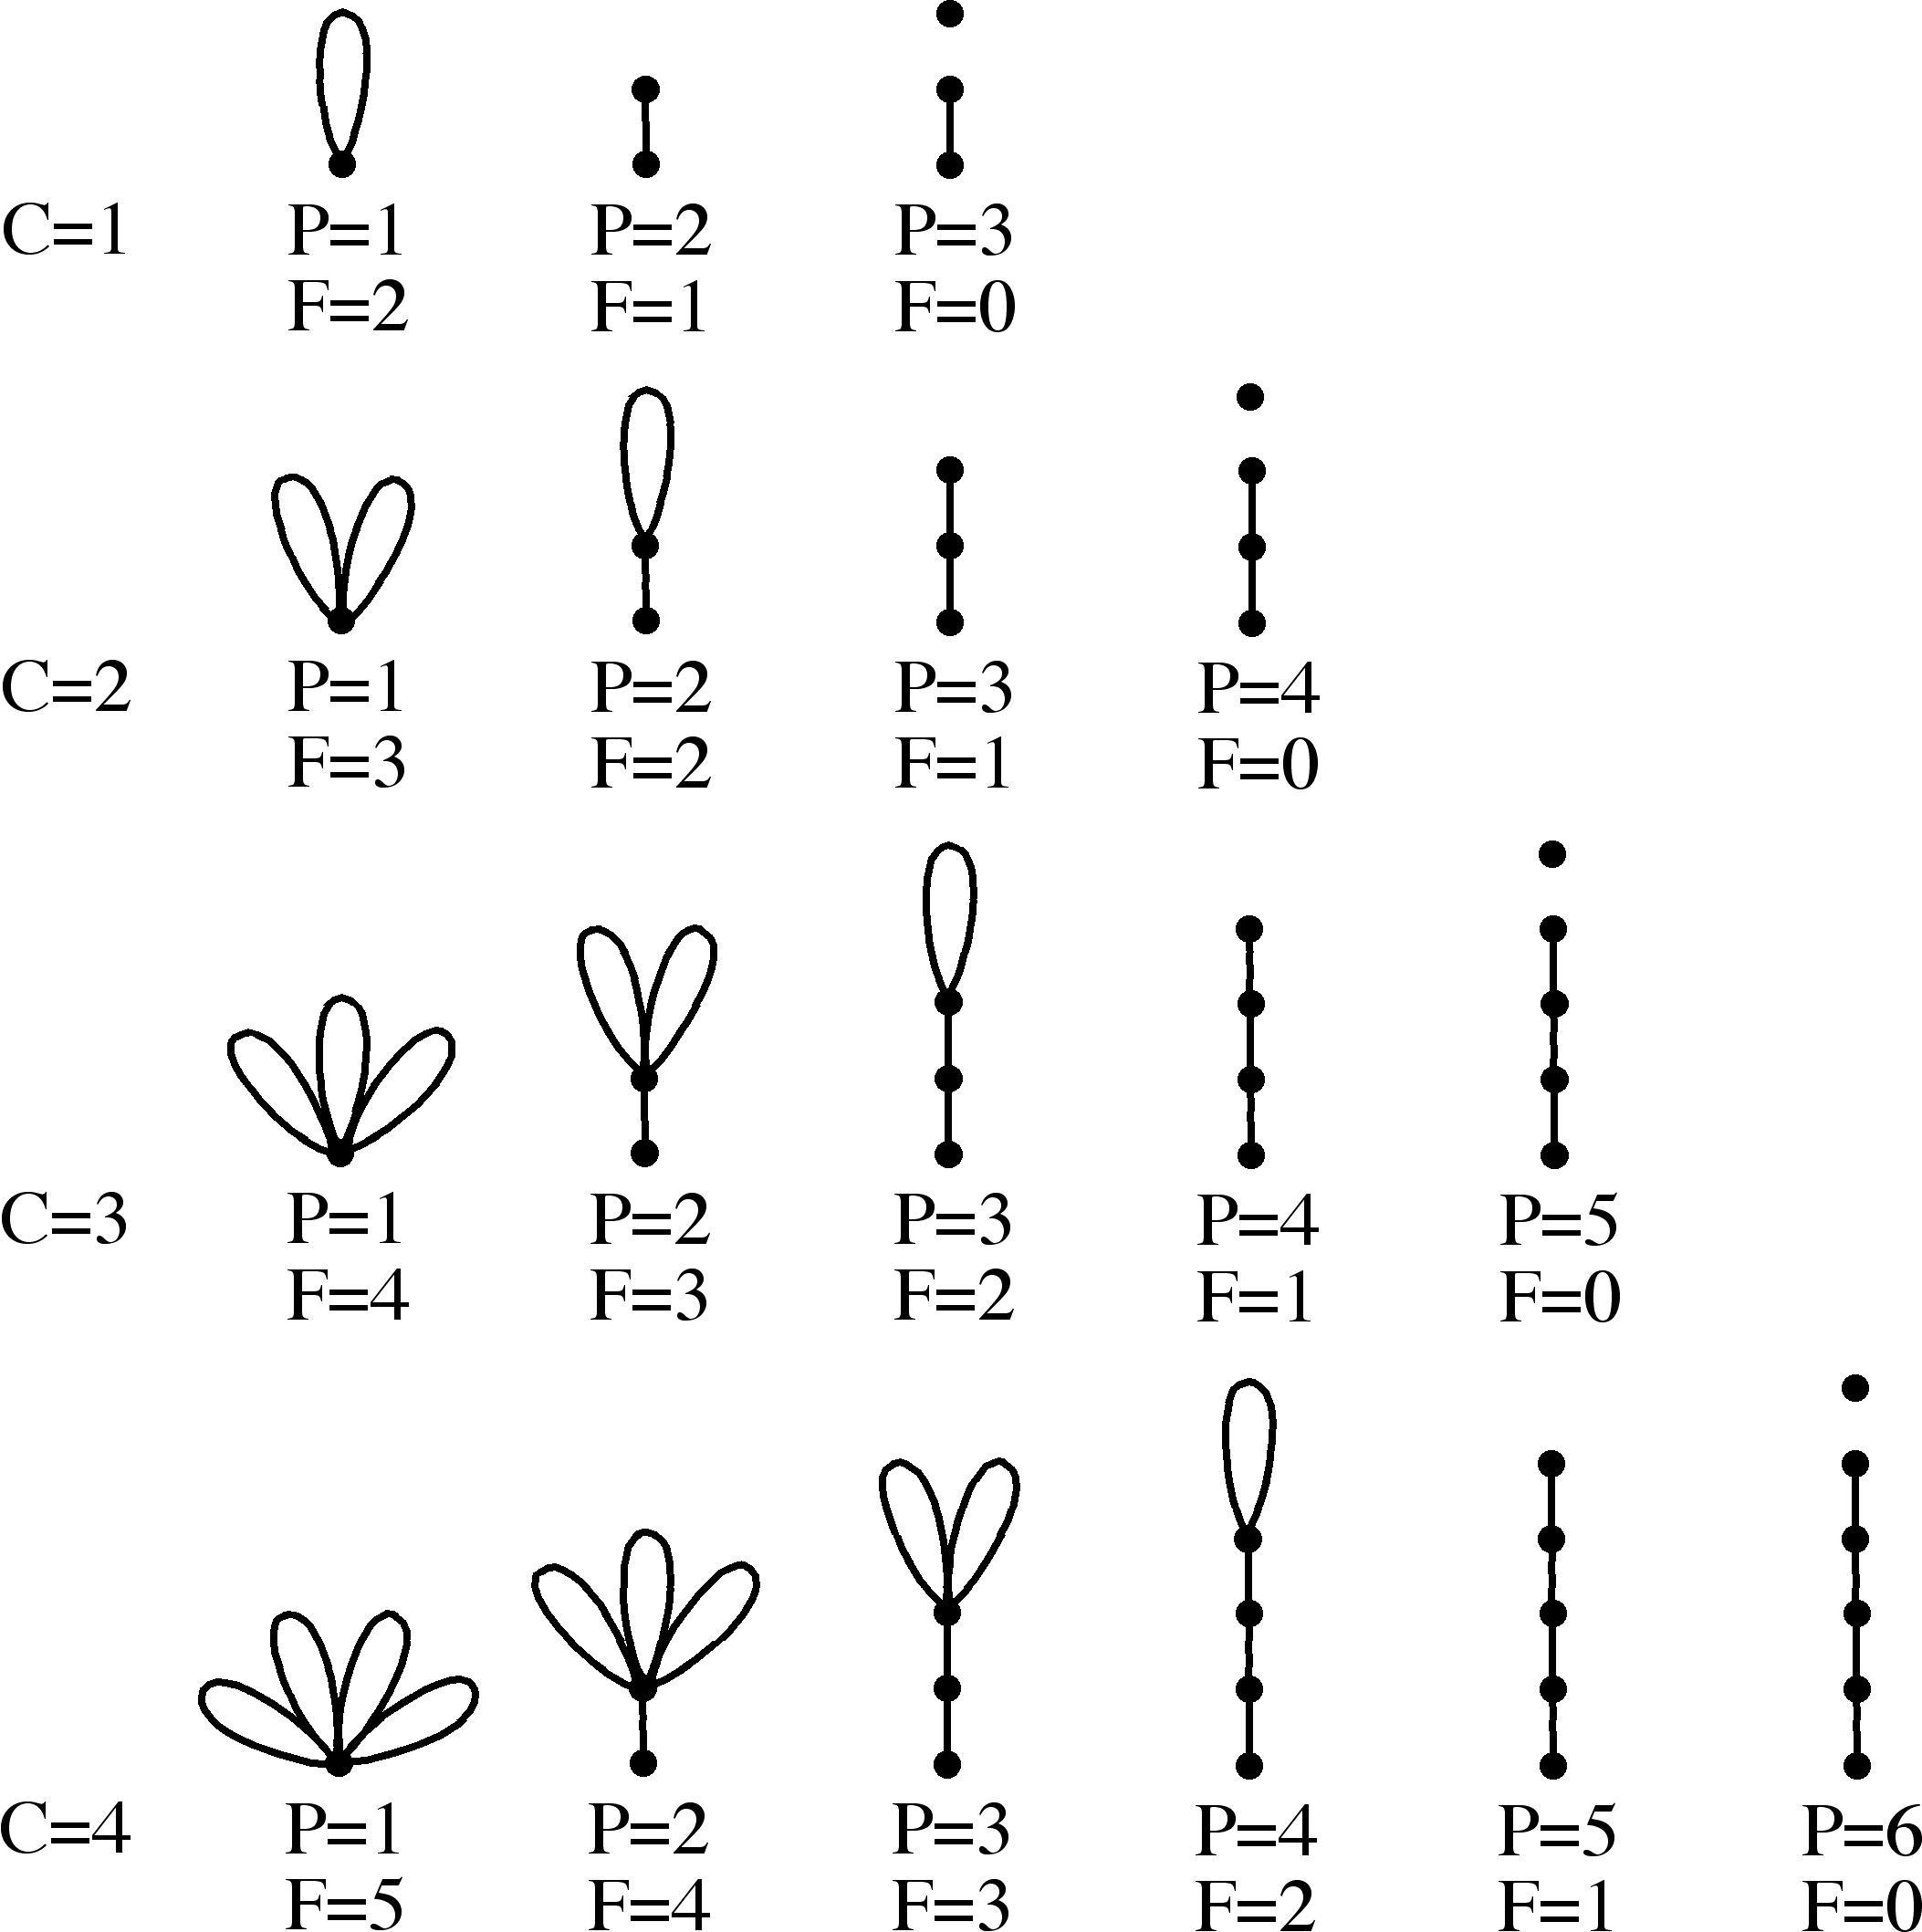 gibbsflowers1